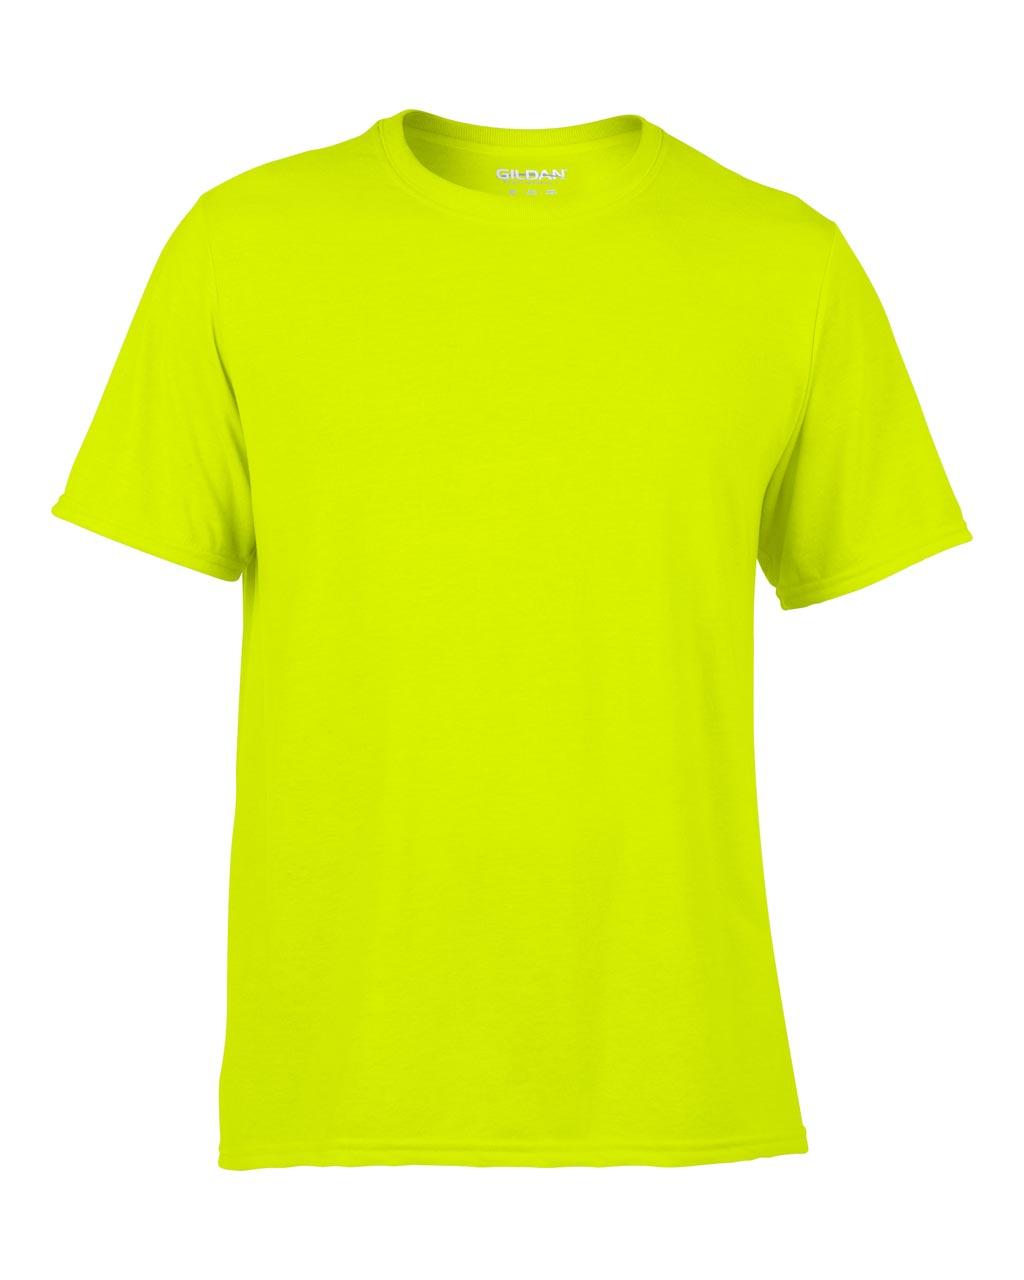 Serigrafie, termotransfer, sublimare tricou polister, tehnic, alergare, articole sportive